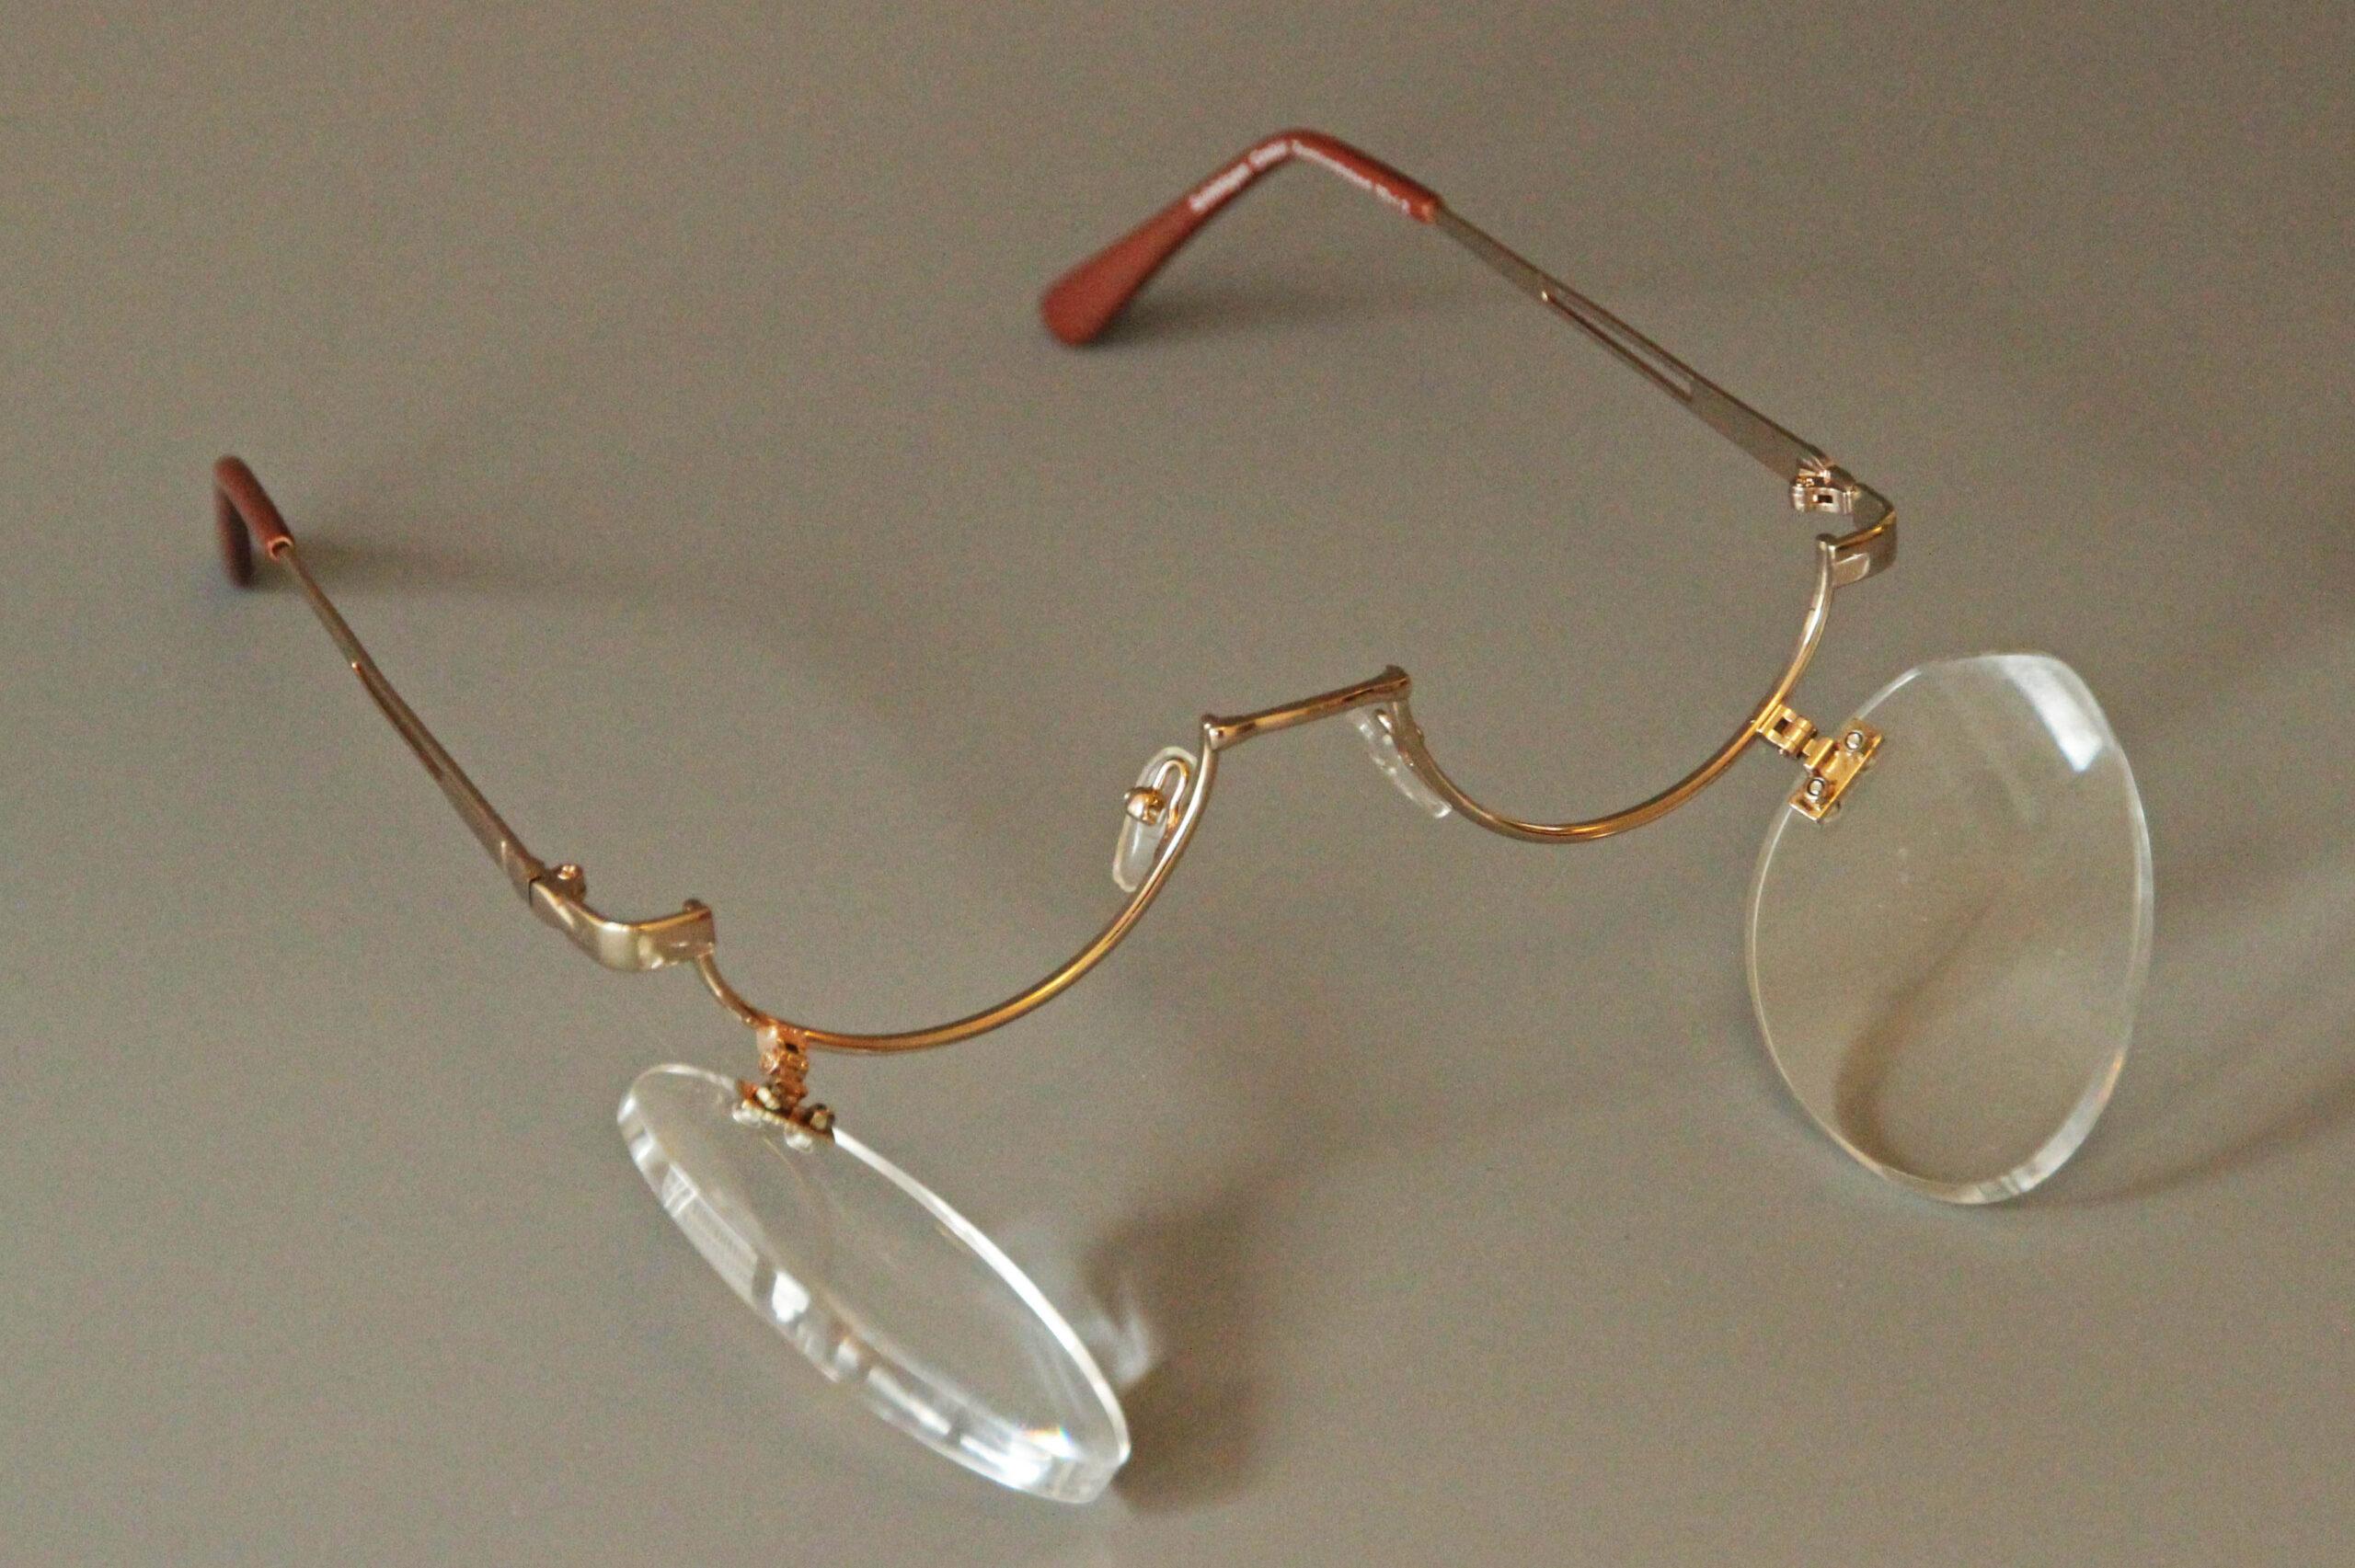 Schminkbrille, das heisst ein Brillengestell, das nur unten einen Rahmen hat. Die Gläser lassen sich jeweils nach unten ausklappen.